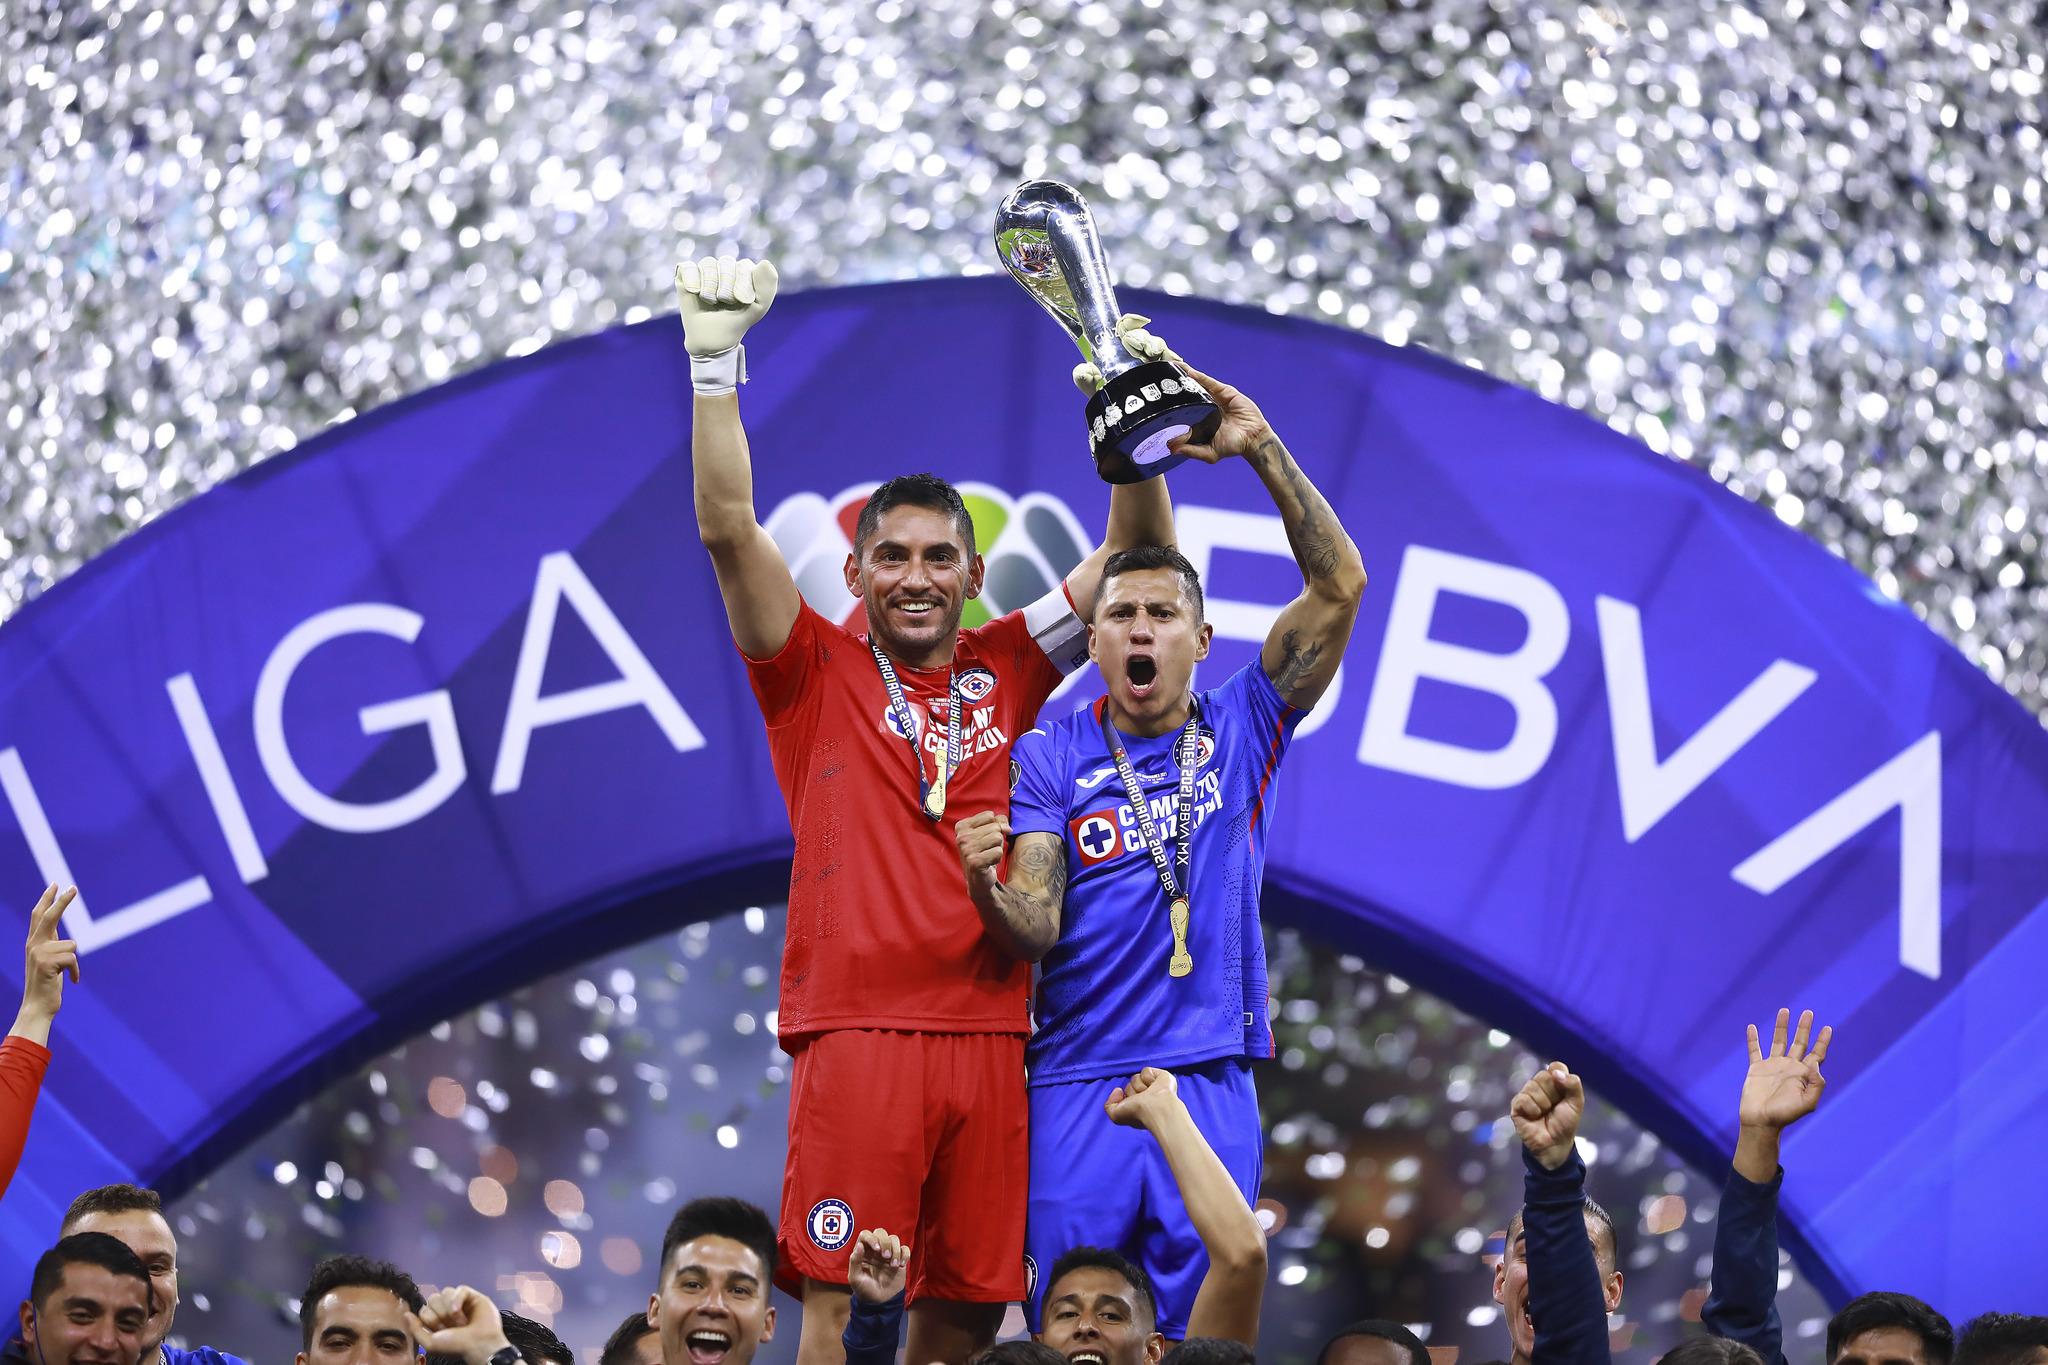 Jesús Corona y el Cata Domínguez levantaron el trofeo de campeones